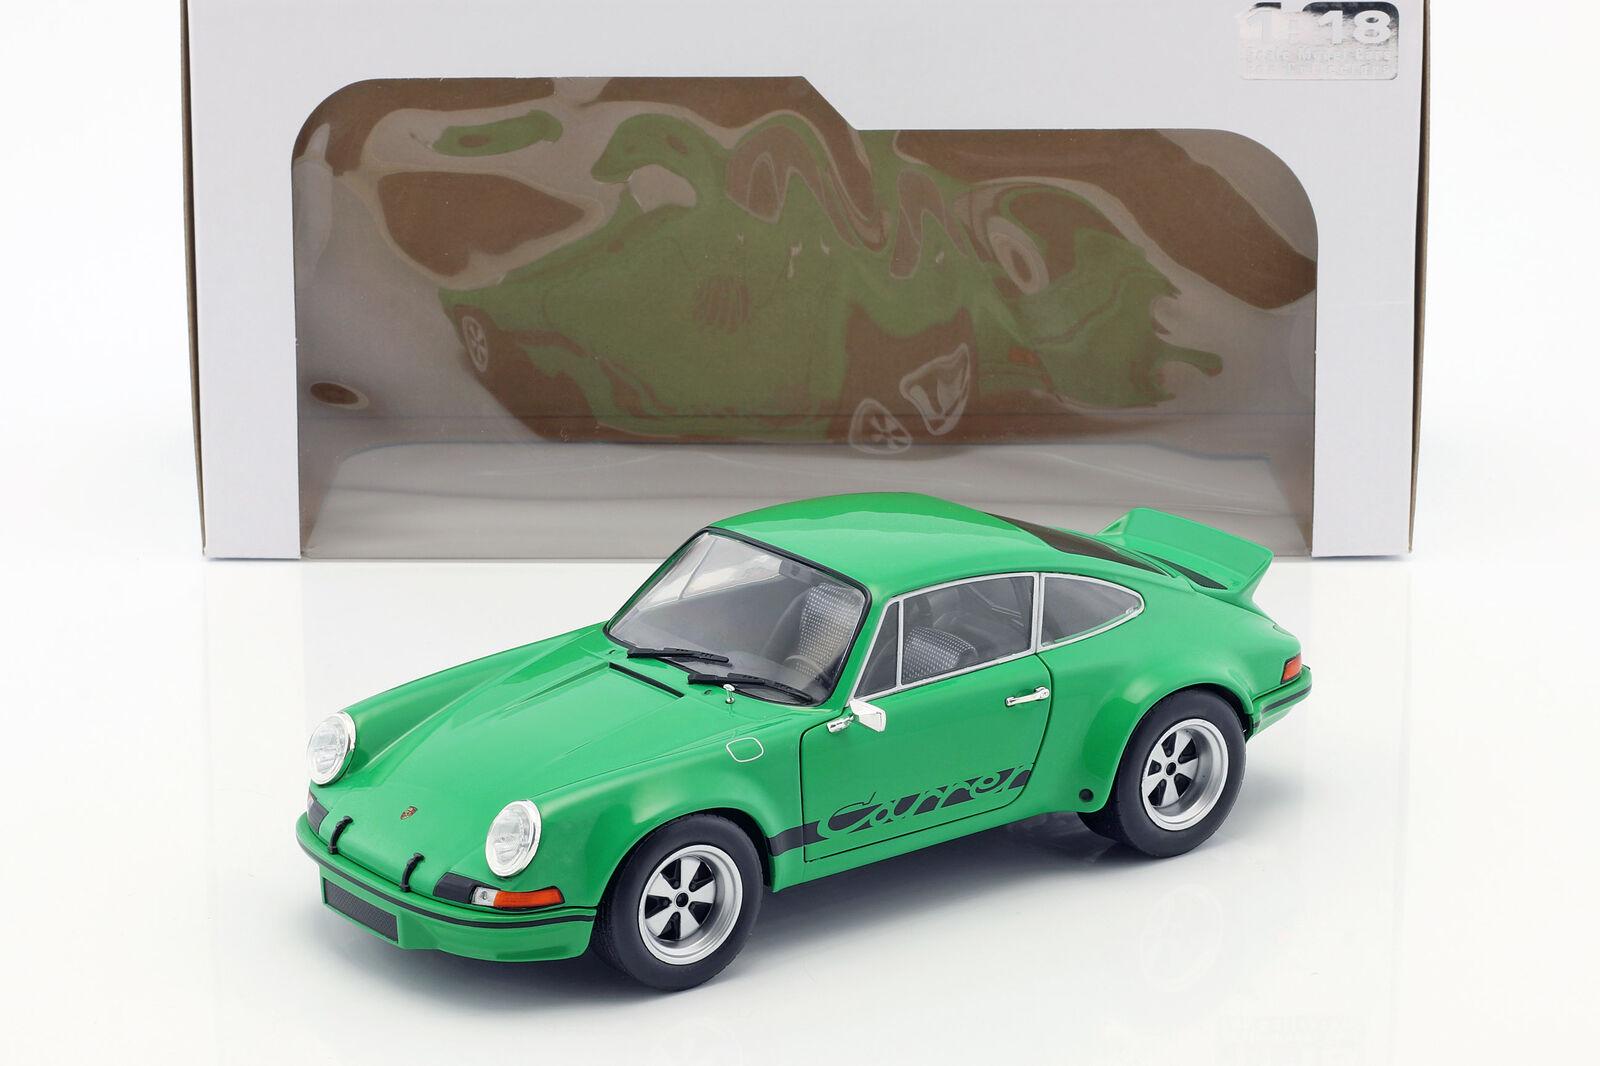 Porsche 911 Carrera RSR 2.8 Année Modèle 1973 vert 1 18 Solido